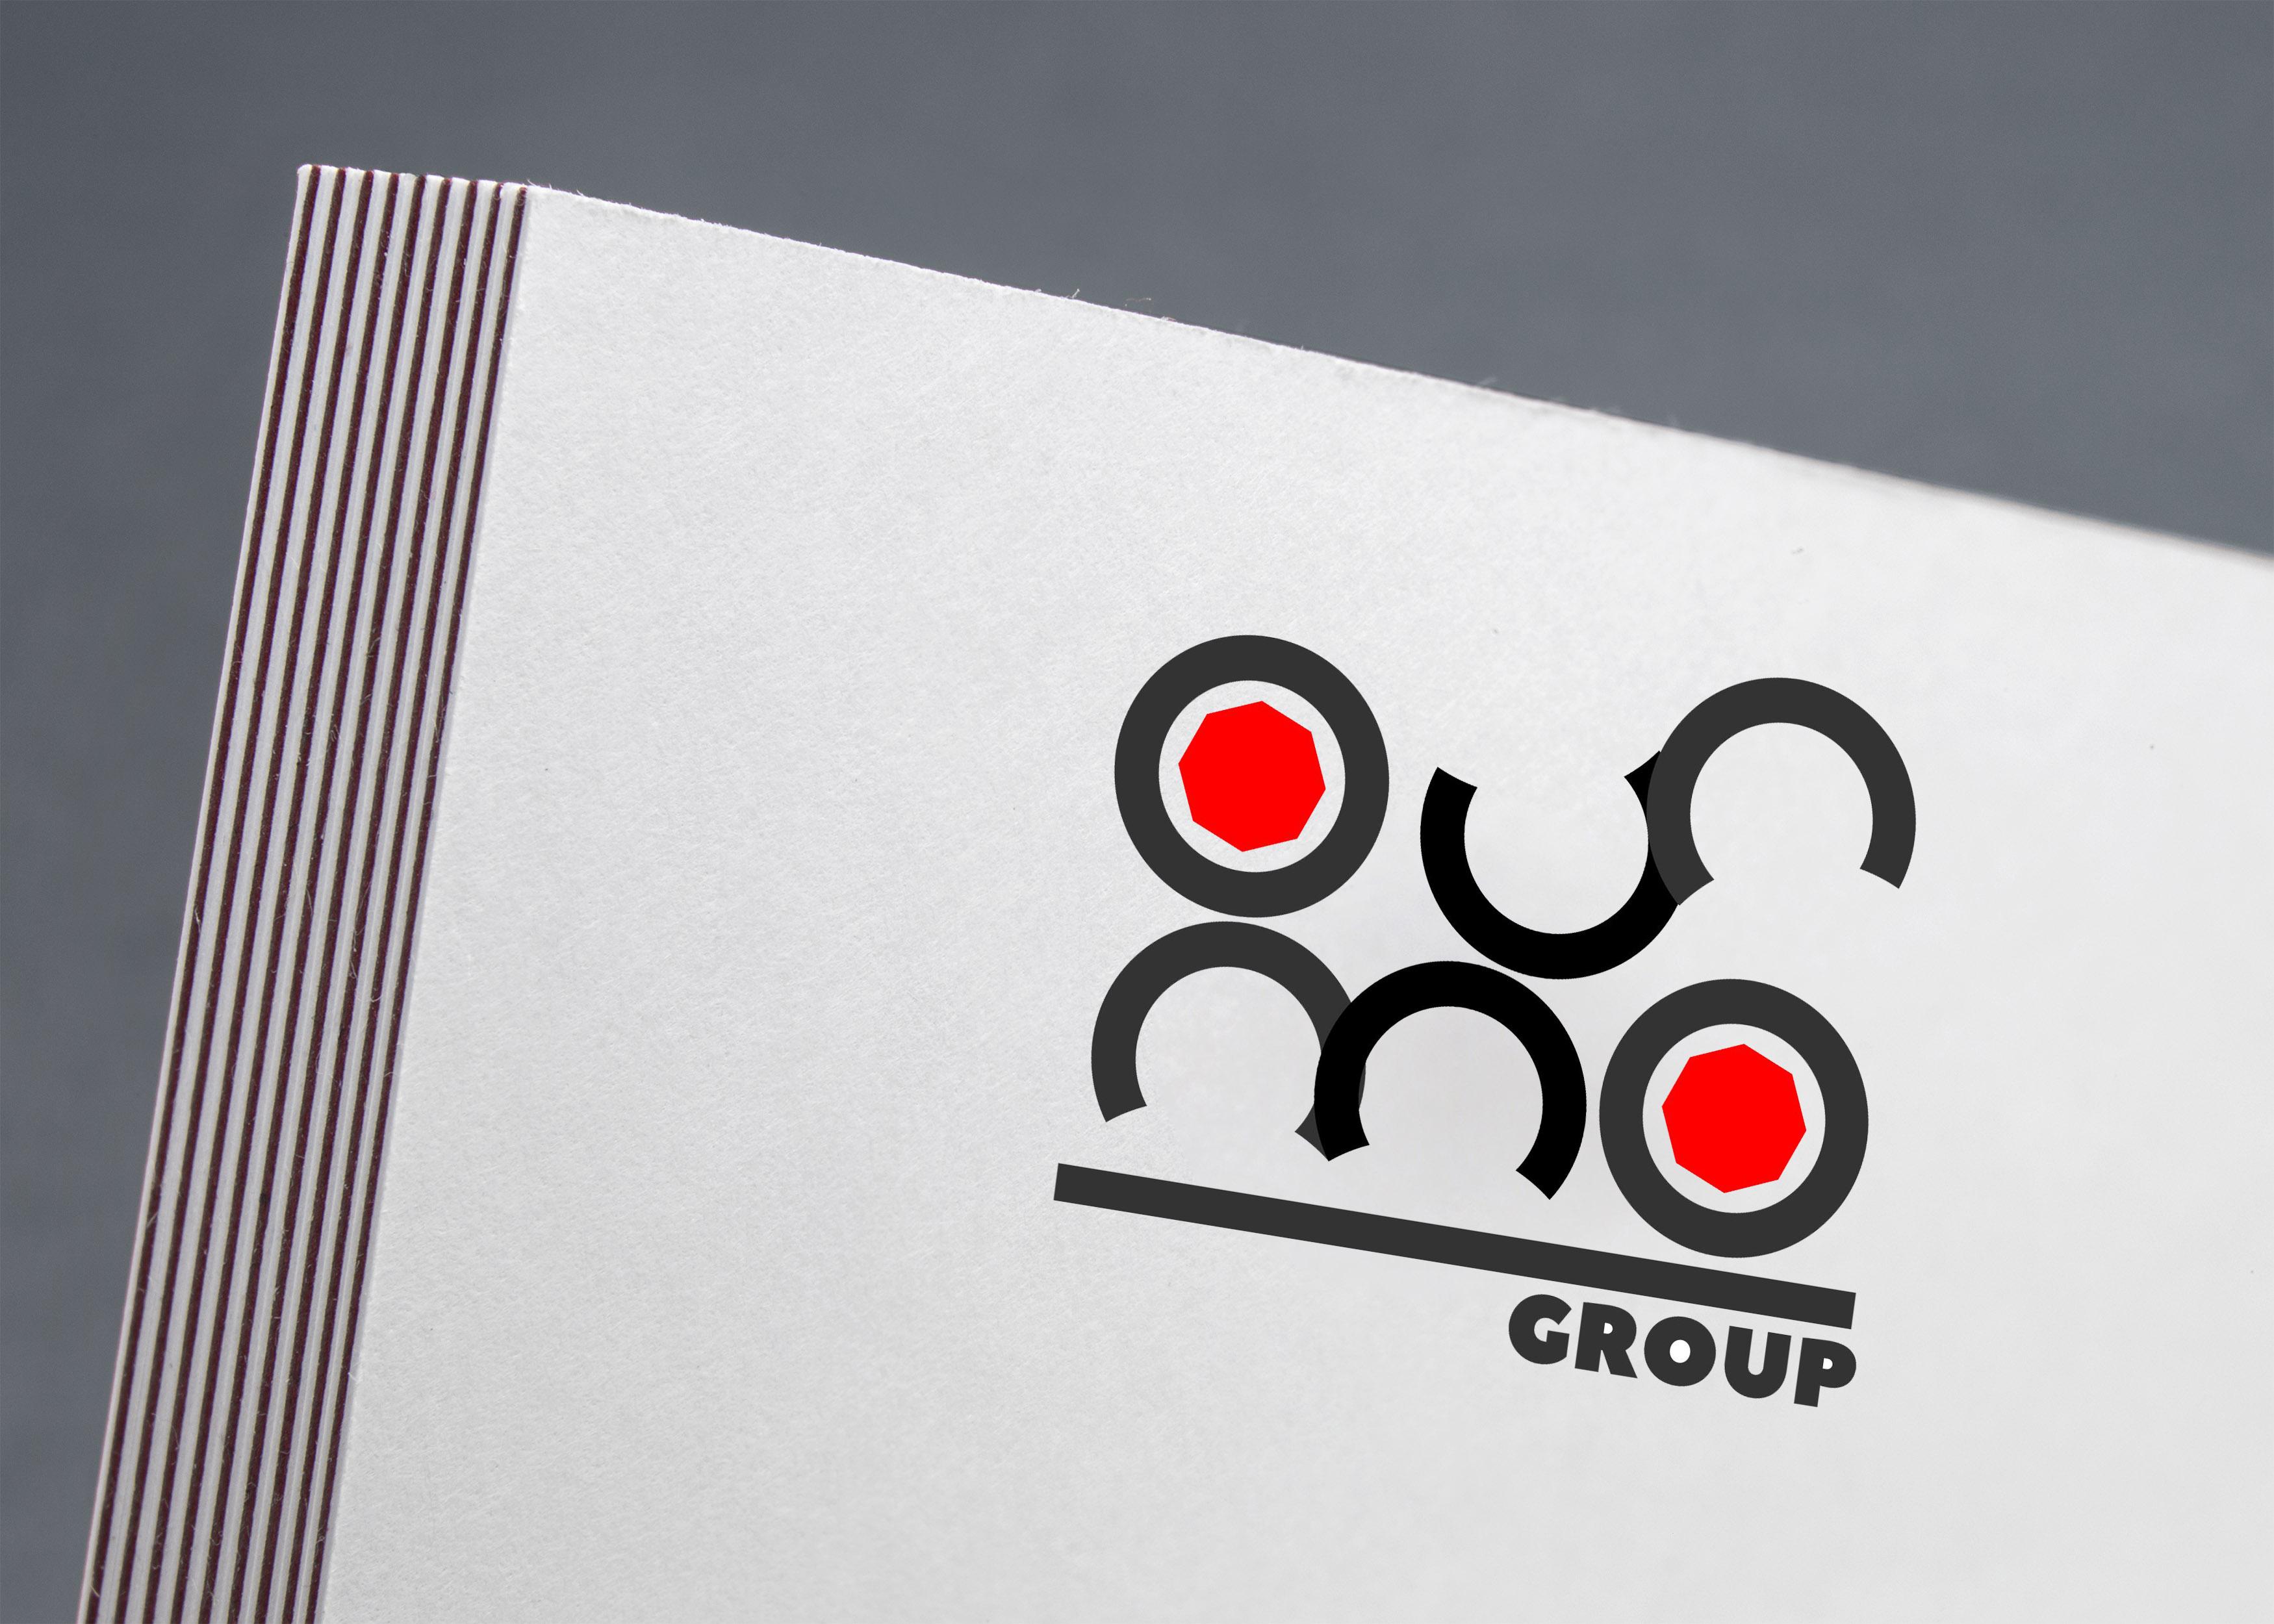 Создание логотипа для строительной компании OSMO group  фото f_83559b652b376301.jpg